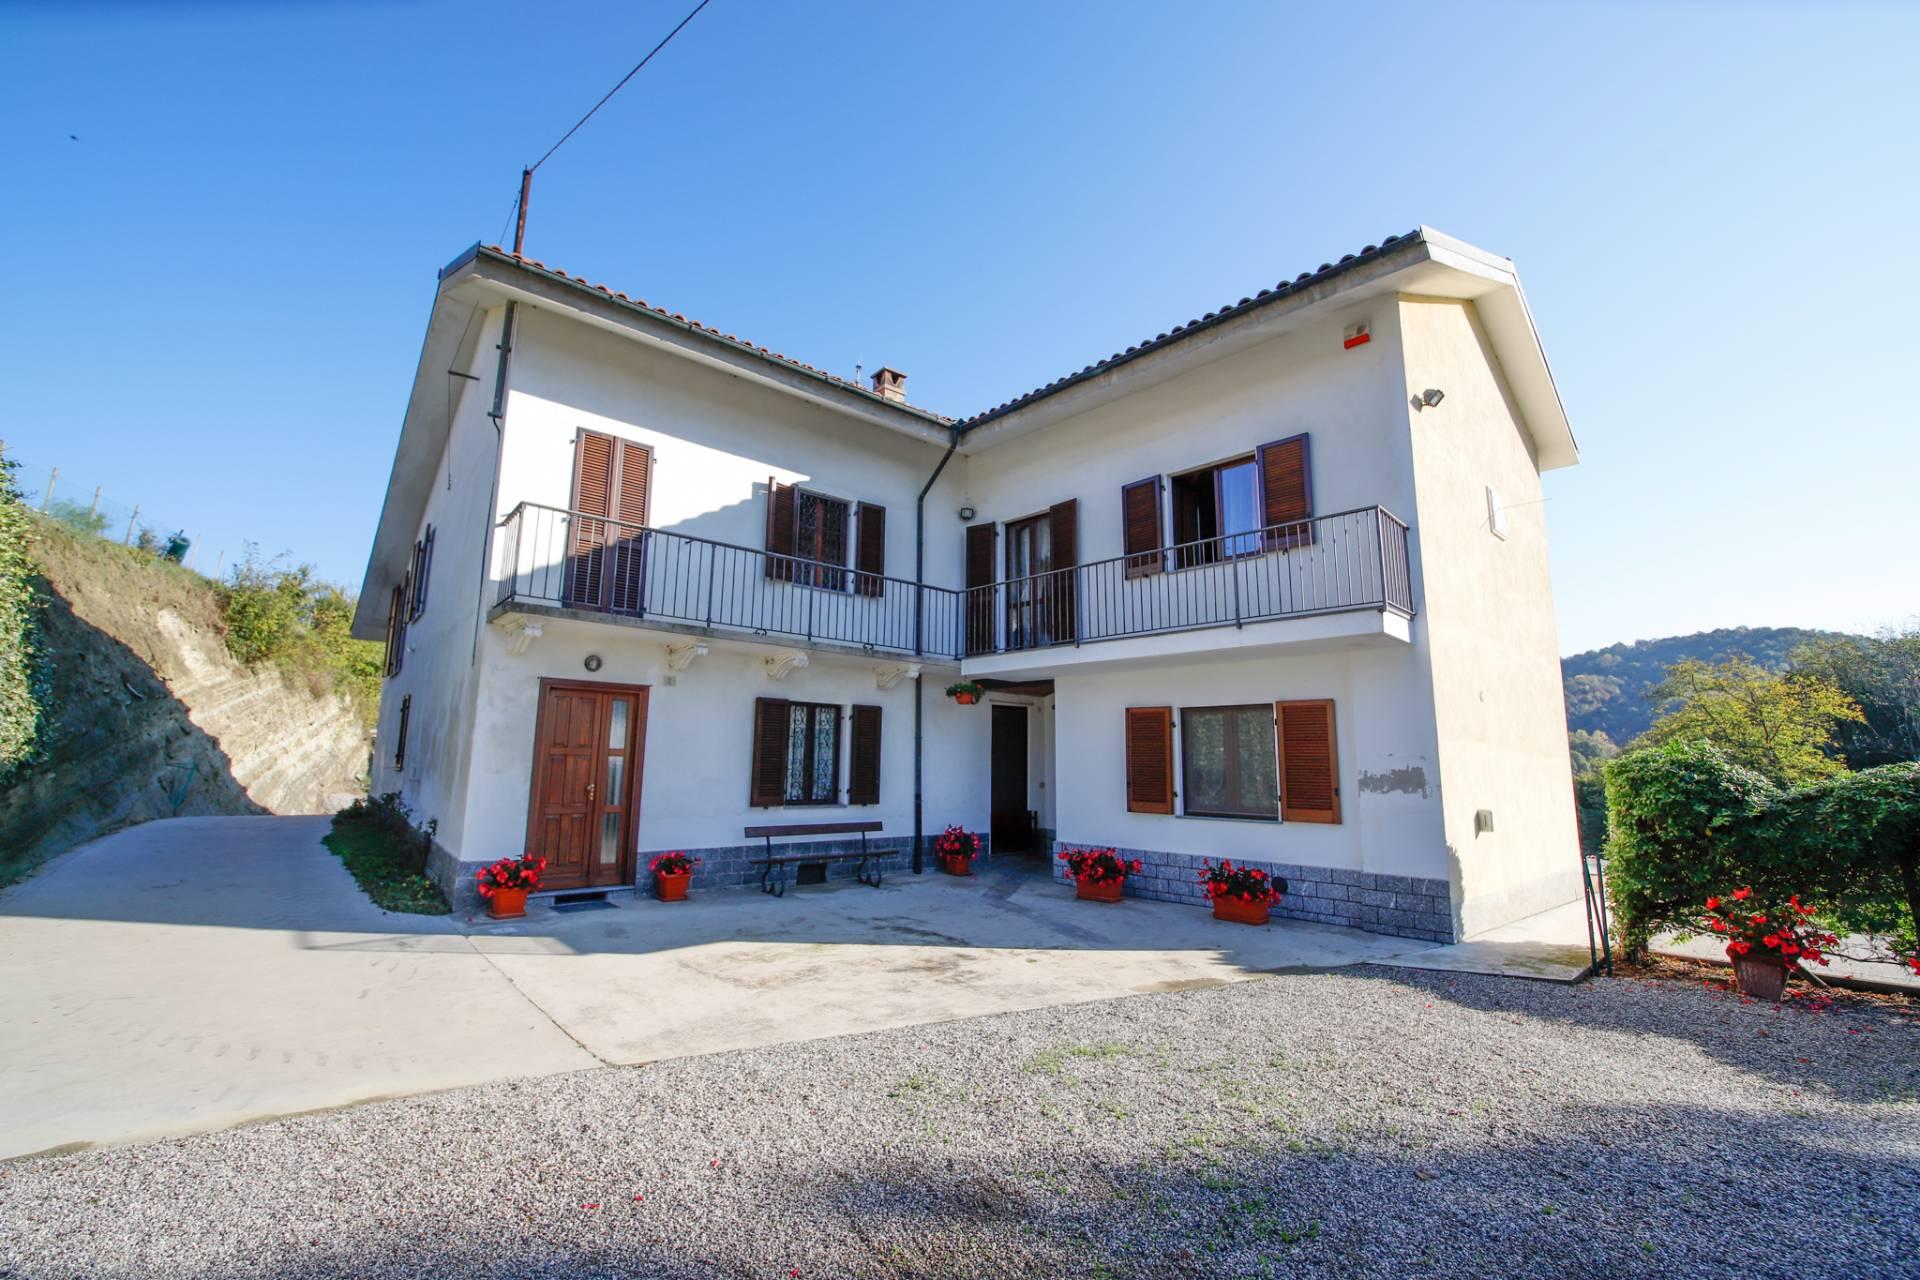 Soluzione Indipendente in vendita a San Raffaele Cimena, 10 locali, prezzo € 239.000 | PortaleAgenzieImmobiliari.it